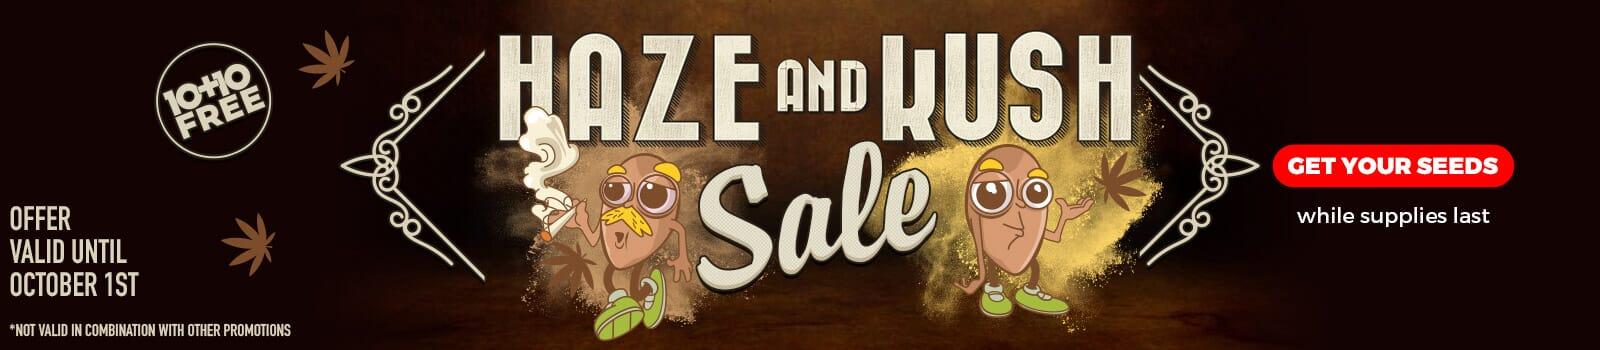 Haze and Kush Sale - offer valid until October 1st - SHOP NOW